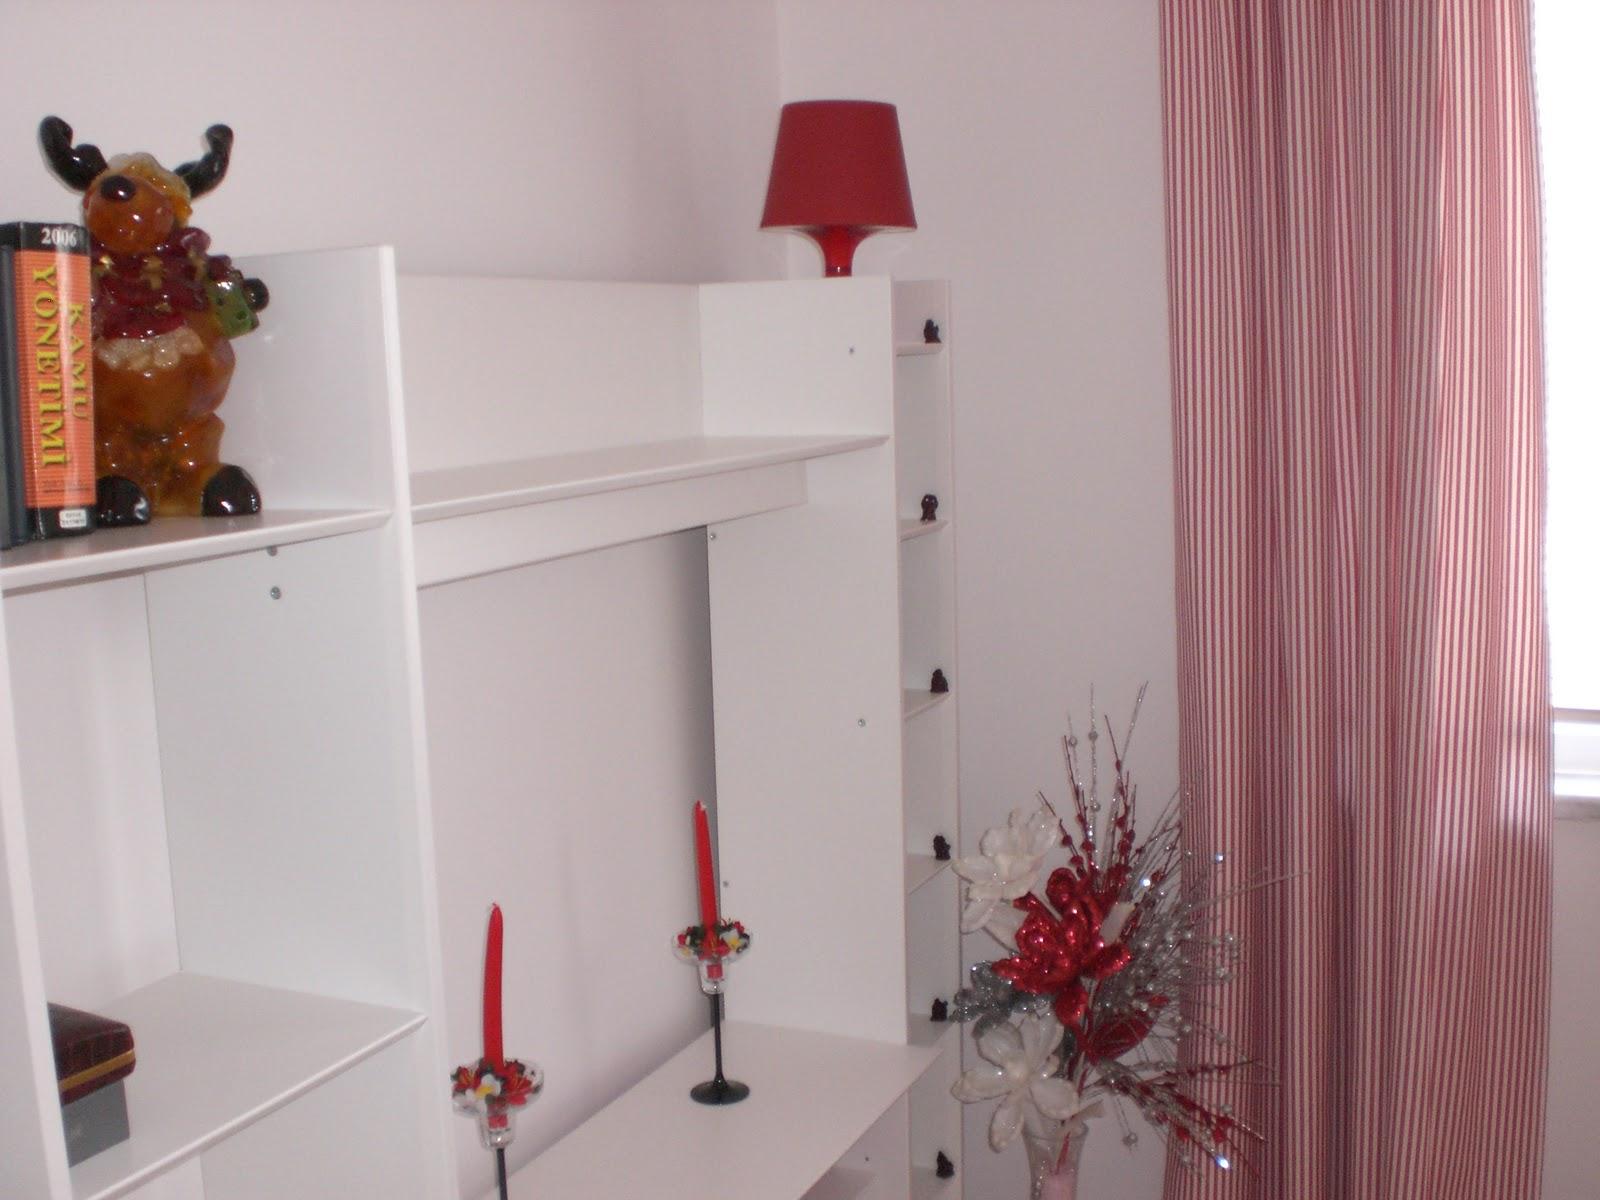 Meuble Tv Ikea Mavas Artzein Com # Faire Rouler Son Meuble